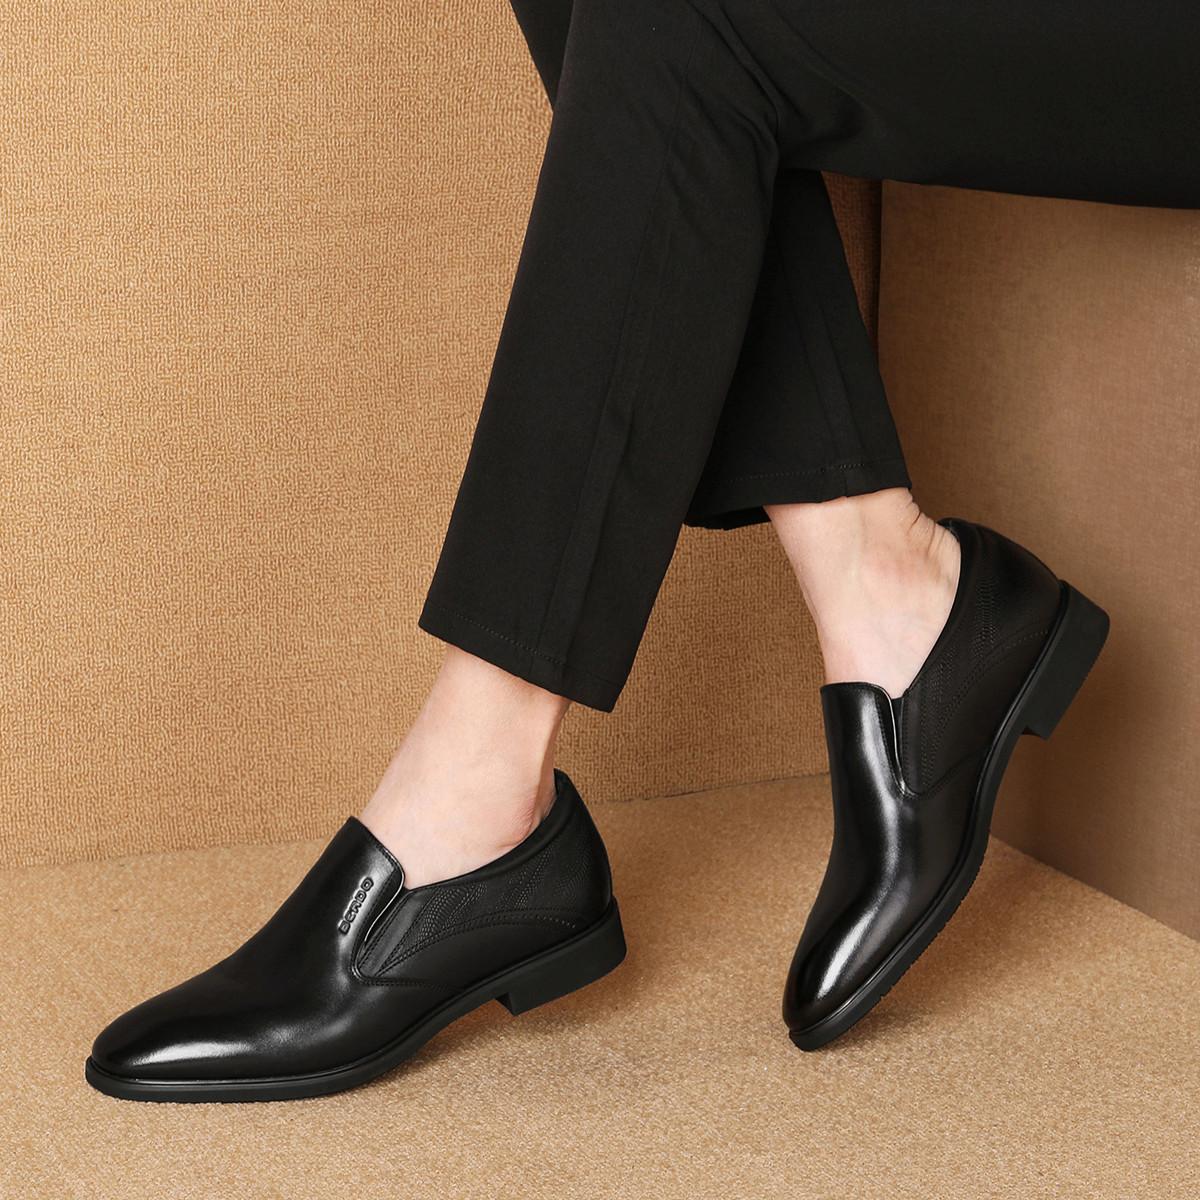 波尔谛奇秋季新款真皮男鞋牛皮纯色简约英伦套脚男士商务鞋德比鞋K9S99105-H1